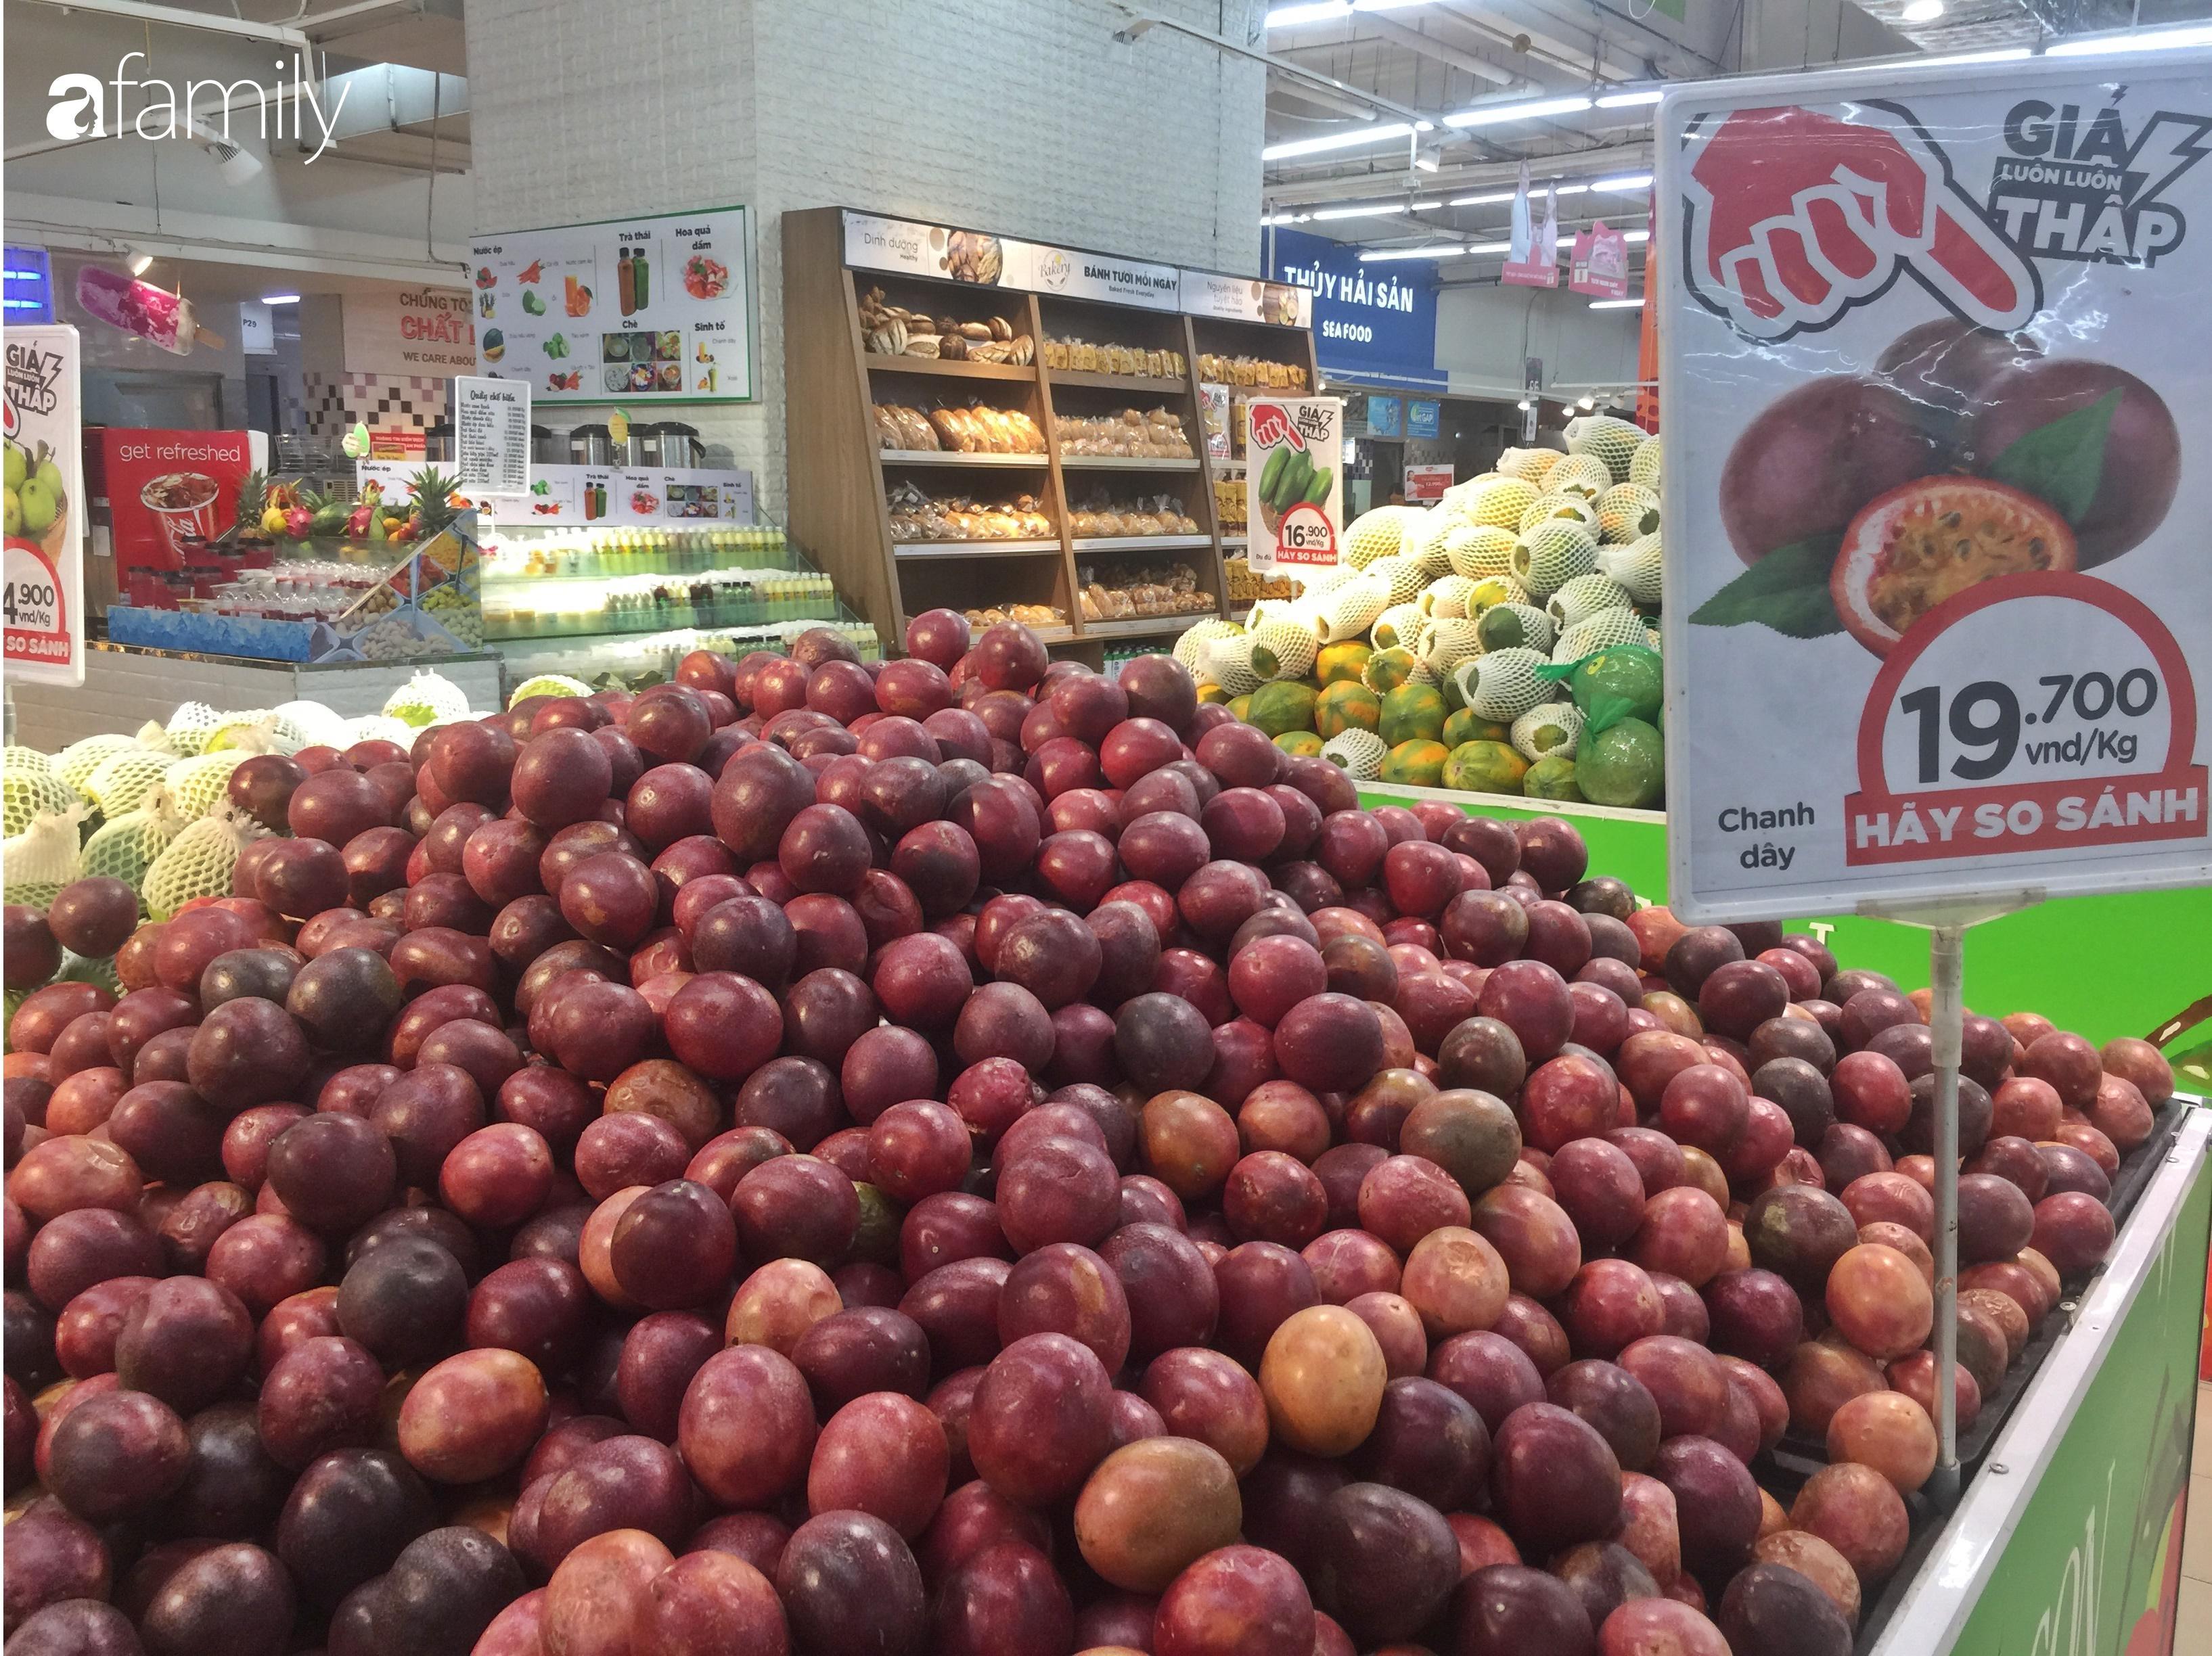 Giá ho quả trong siêu thị rẻ gấp 3 lần so với thời điểm trước Tết, dư hấu còn 6.700 đồng/kg - Ảnh 4.